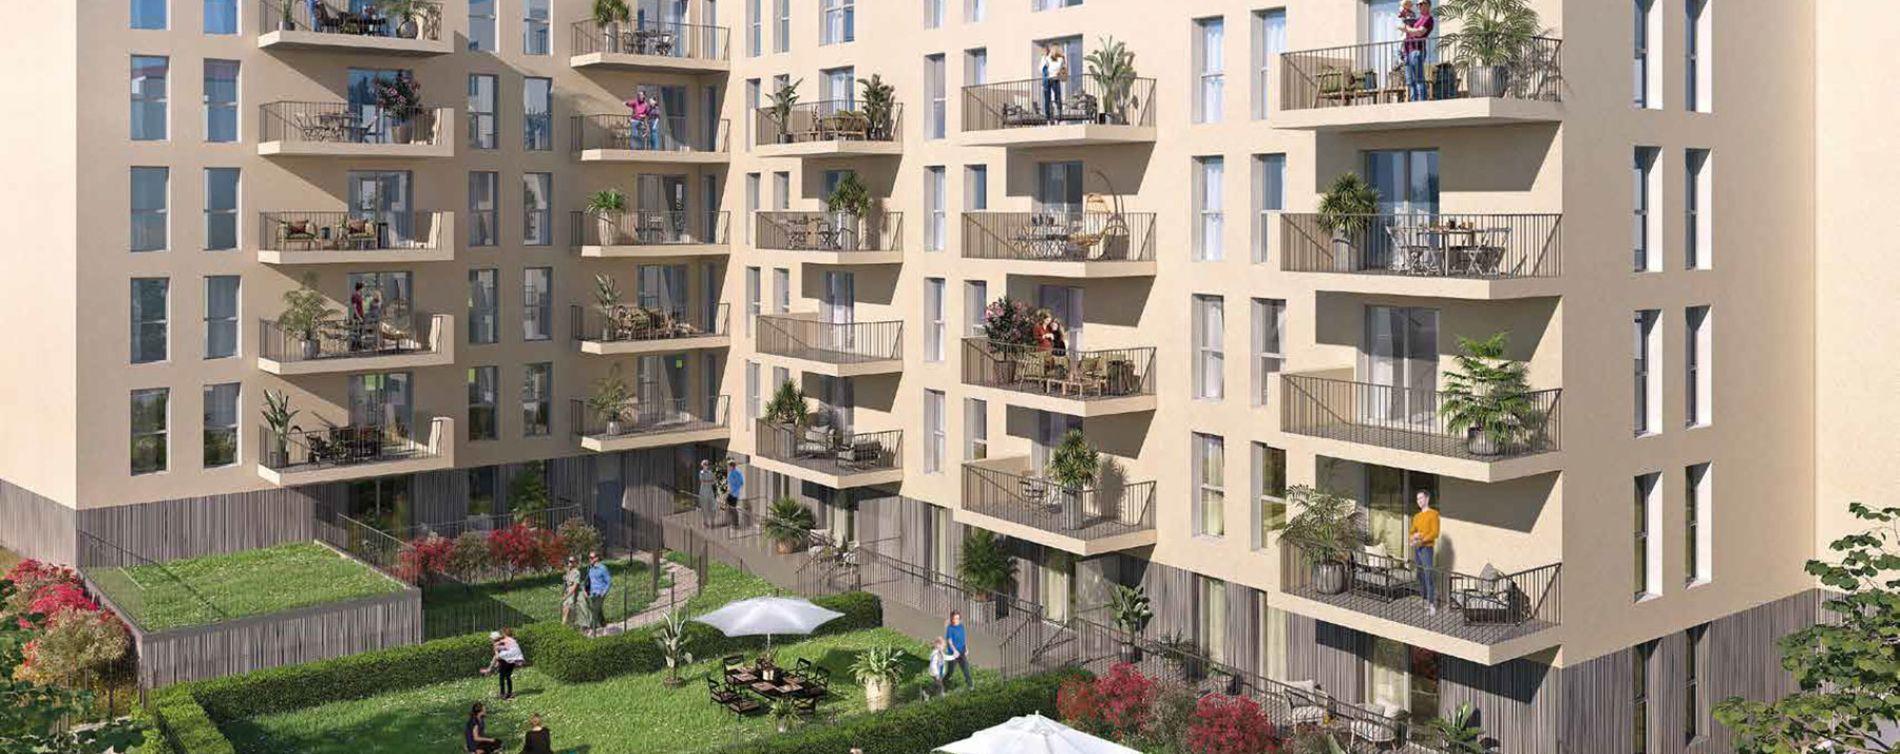 Résidence Jardin Ampère 2 à Villefranche-sur-Saône